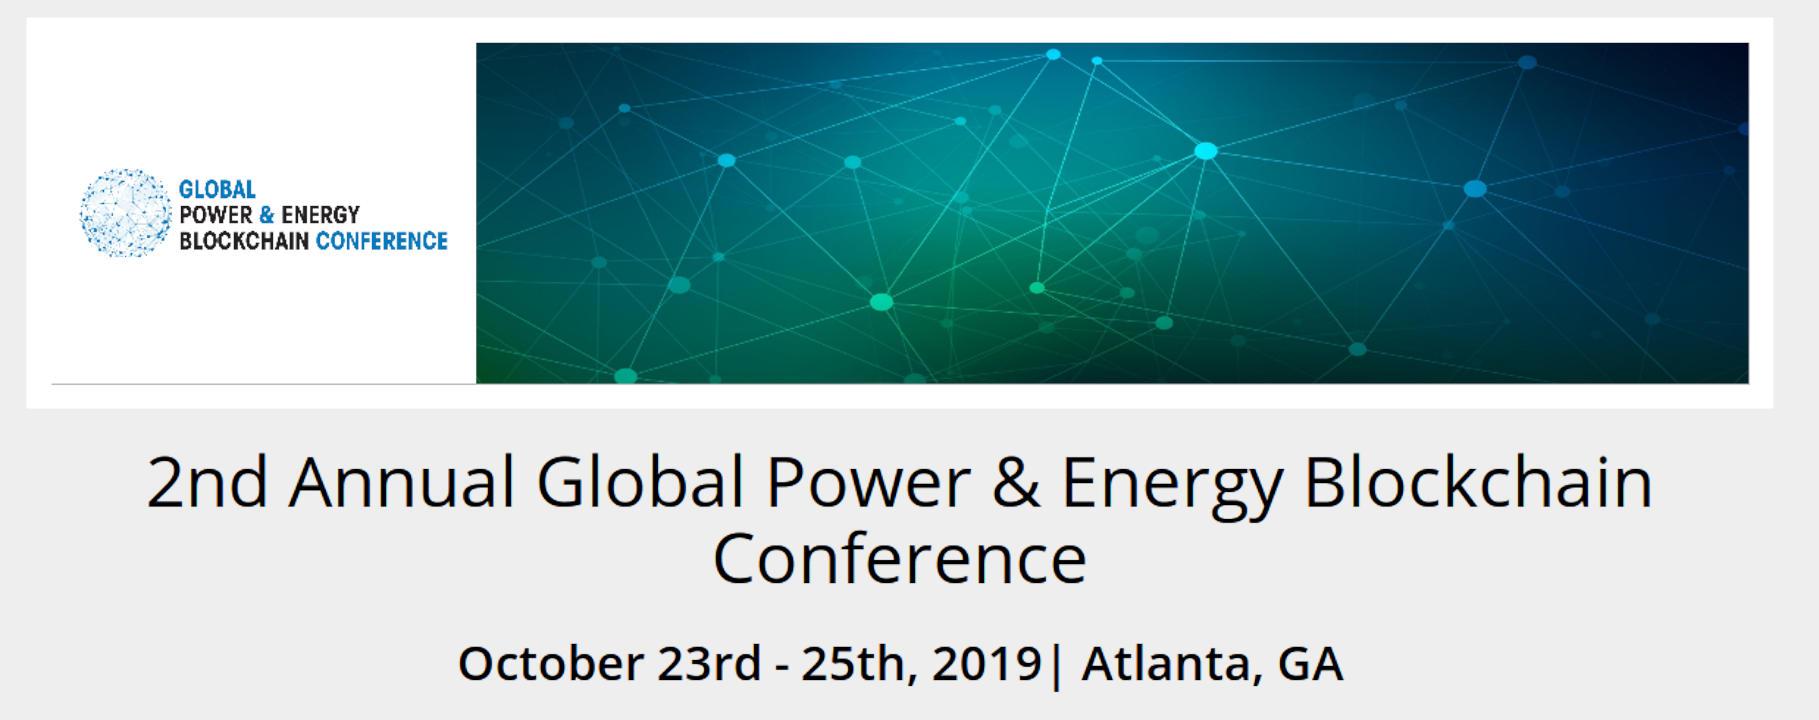 Atlanta se prepara para la 2da Conferencia Anual de Poder Global y Energía sobre Blockchain